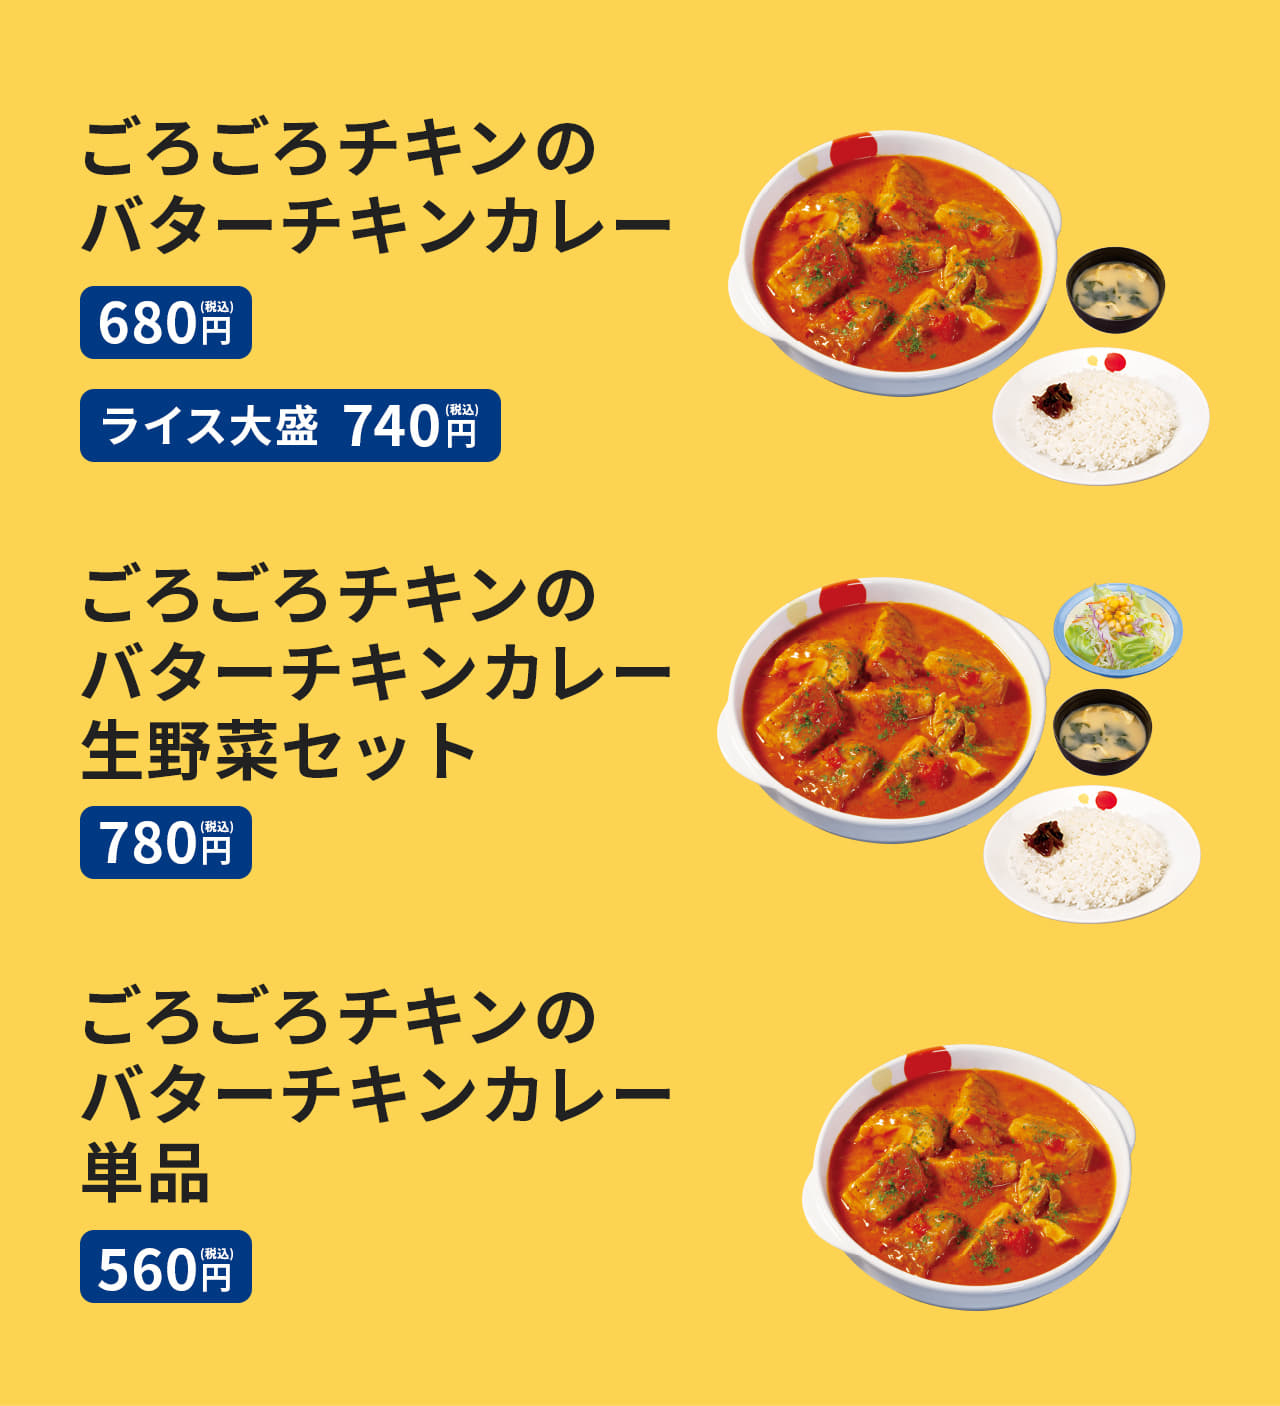 ごろごろチキンのバターチキンカレー(みそ汁付) (並)680円。(ライス大盛)740円。 生野菜セット(上記商品をご注文のお客様限定) プラス100円。 単品  560円。